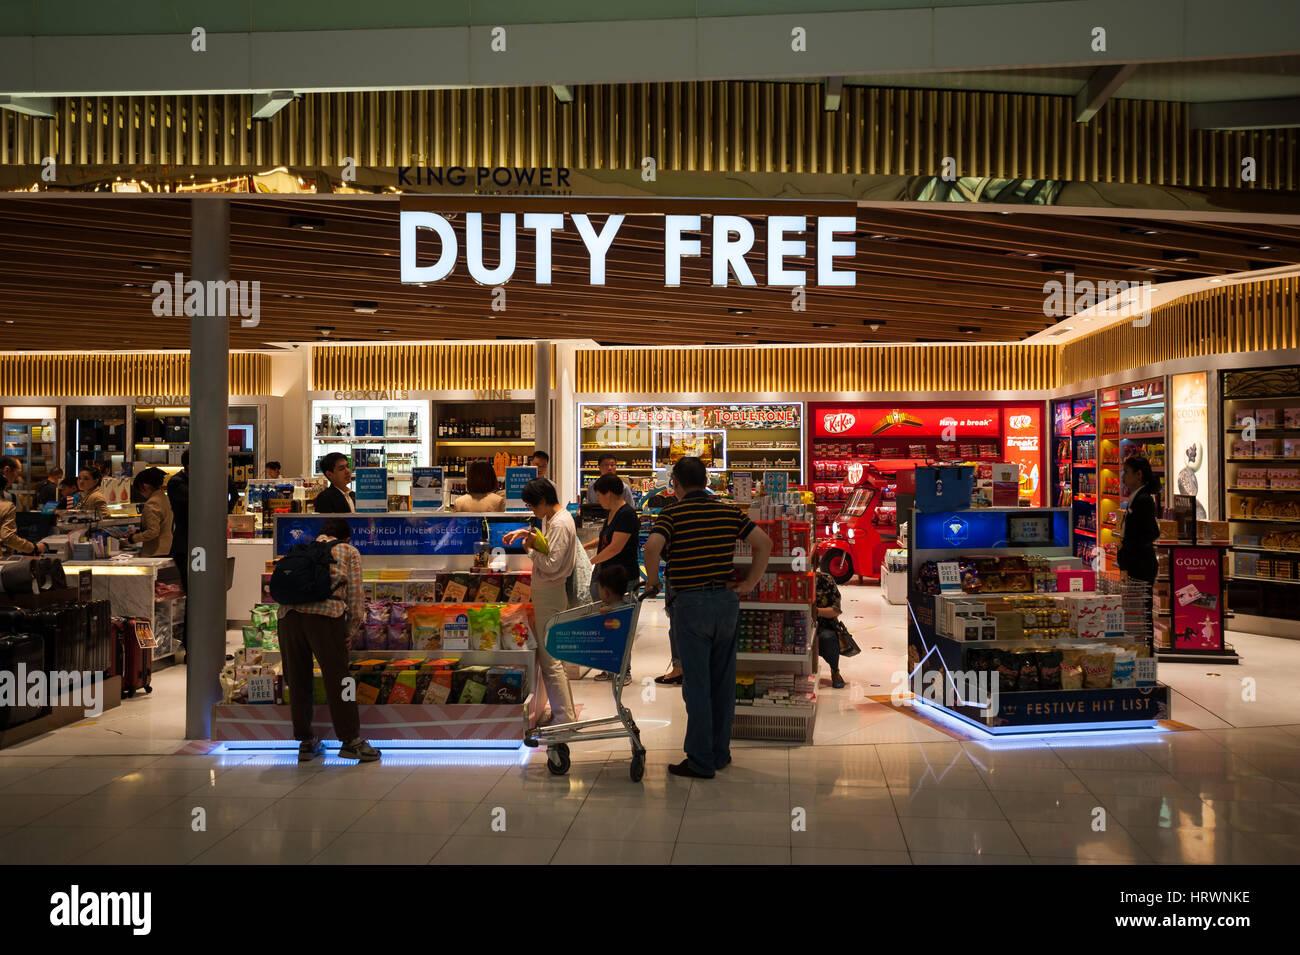 25.01.2017, Bangkok, Thaïlande, Asie - une boutique hors taxes située dans la zone de transit à l'aéroport Photo Stock